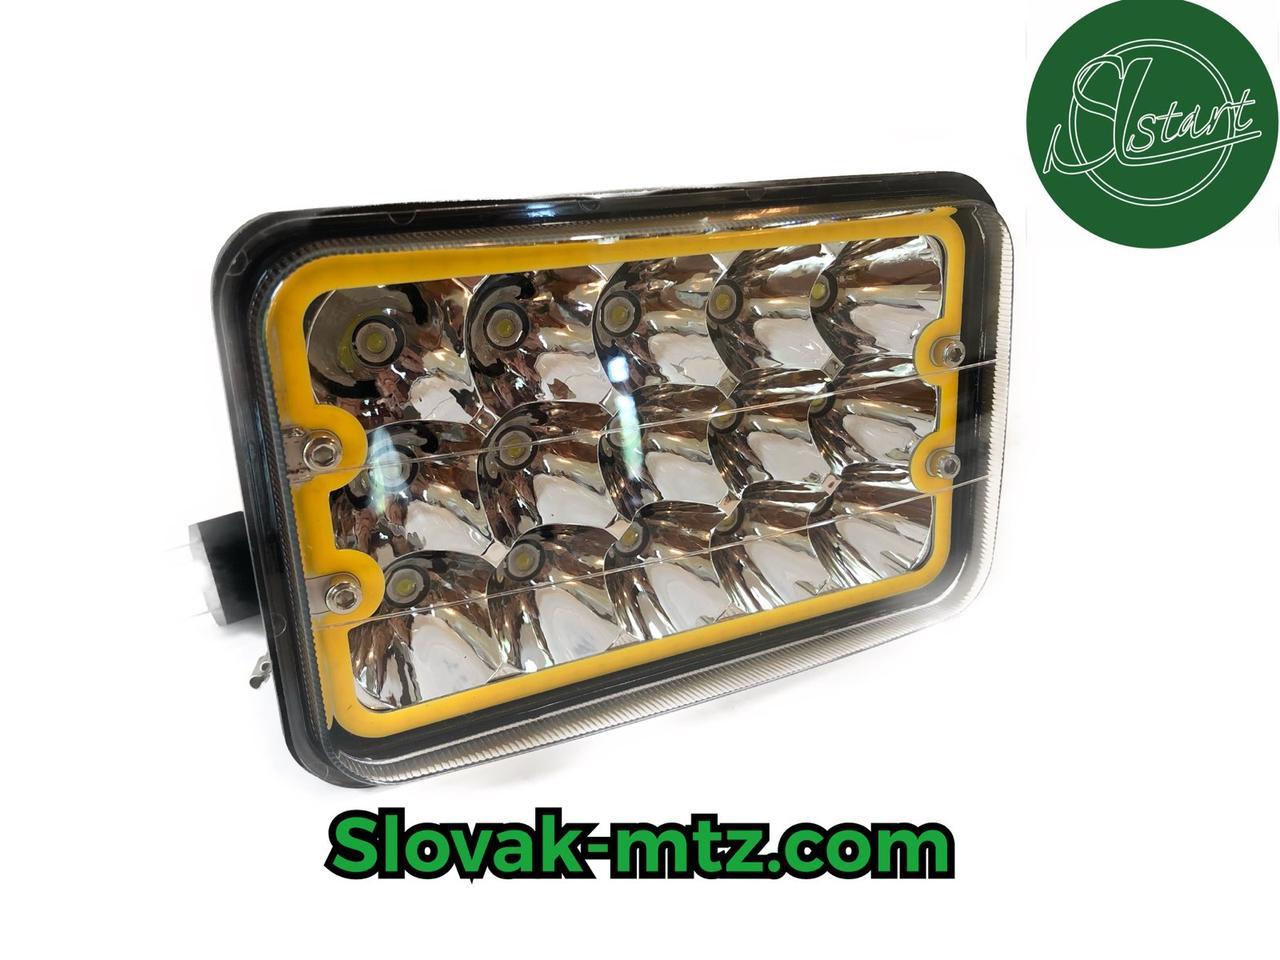 Светодиодная LED фара 45Вт прямоугольная с ангельским глазом 45W, 15 ламп, дальний и ближний луч 10/30